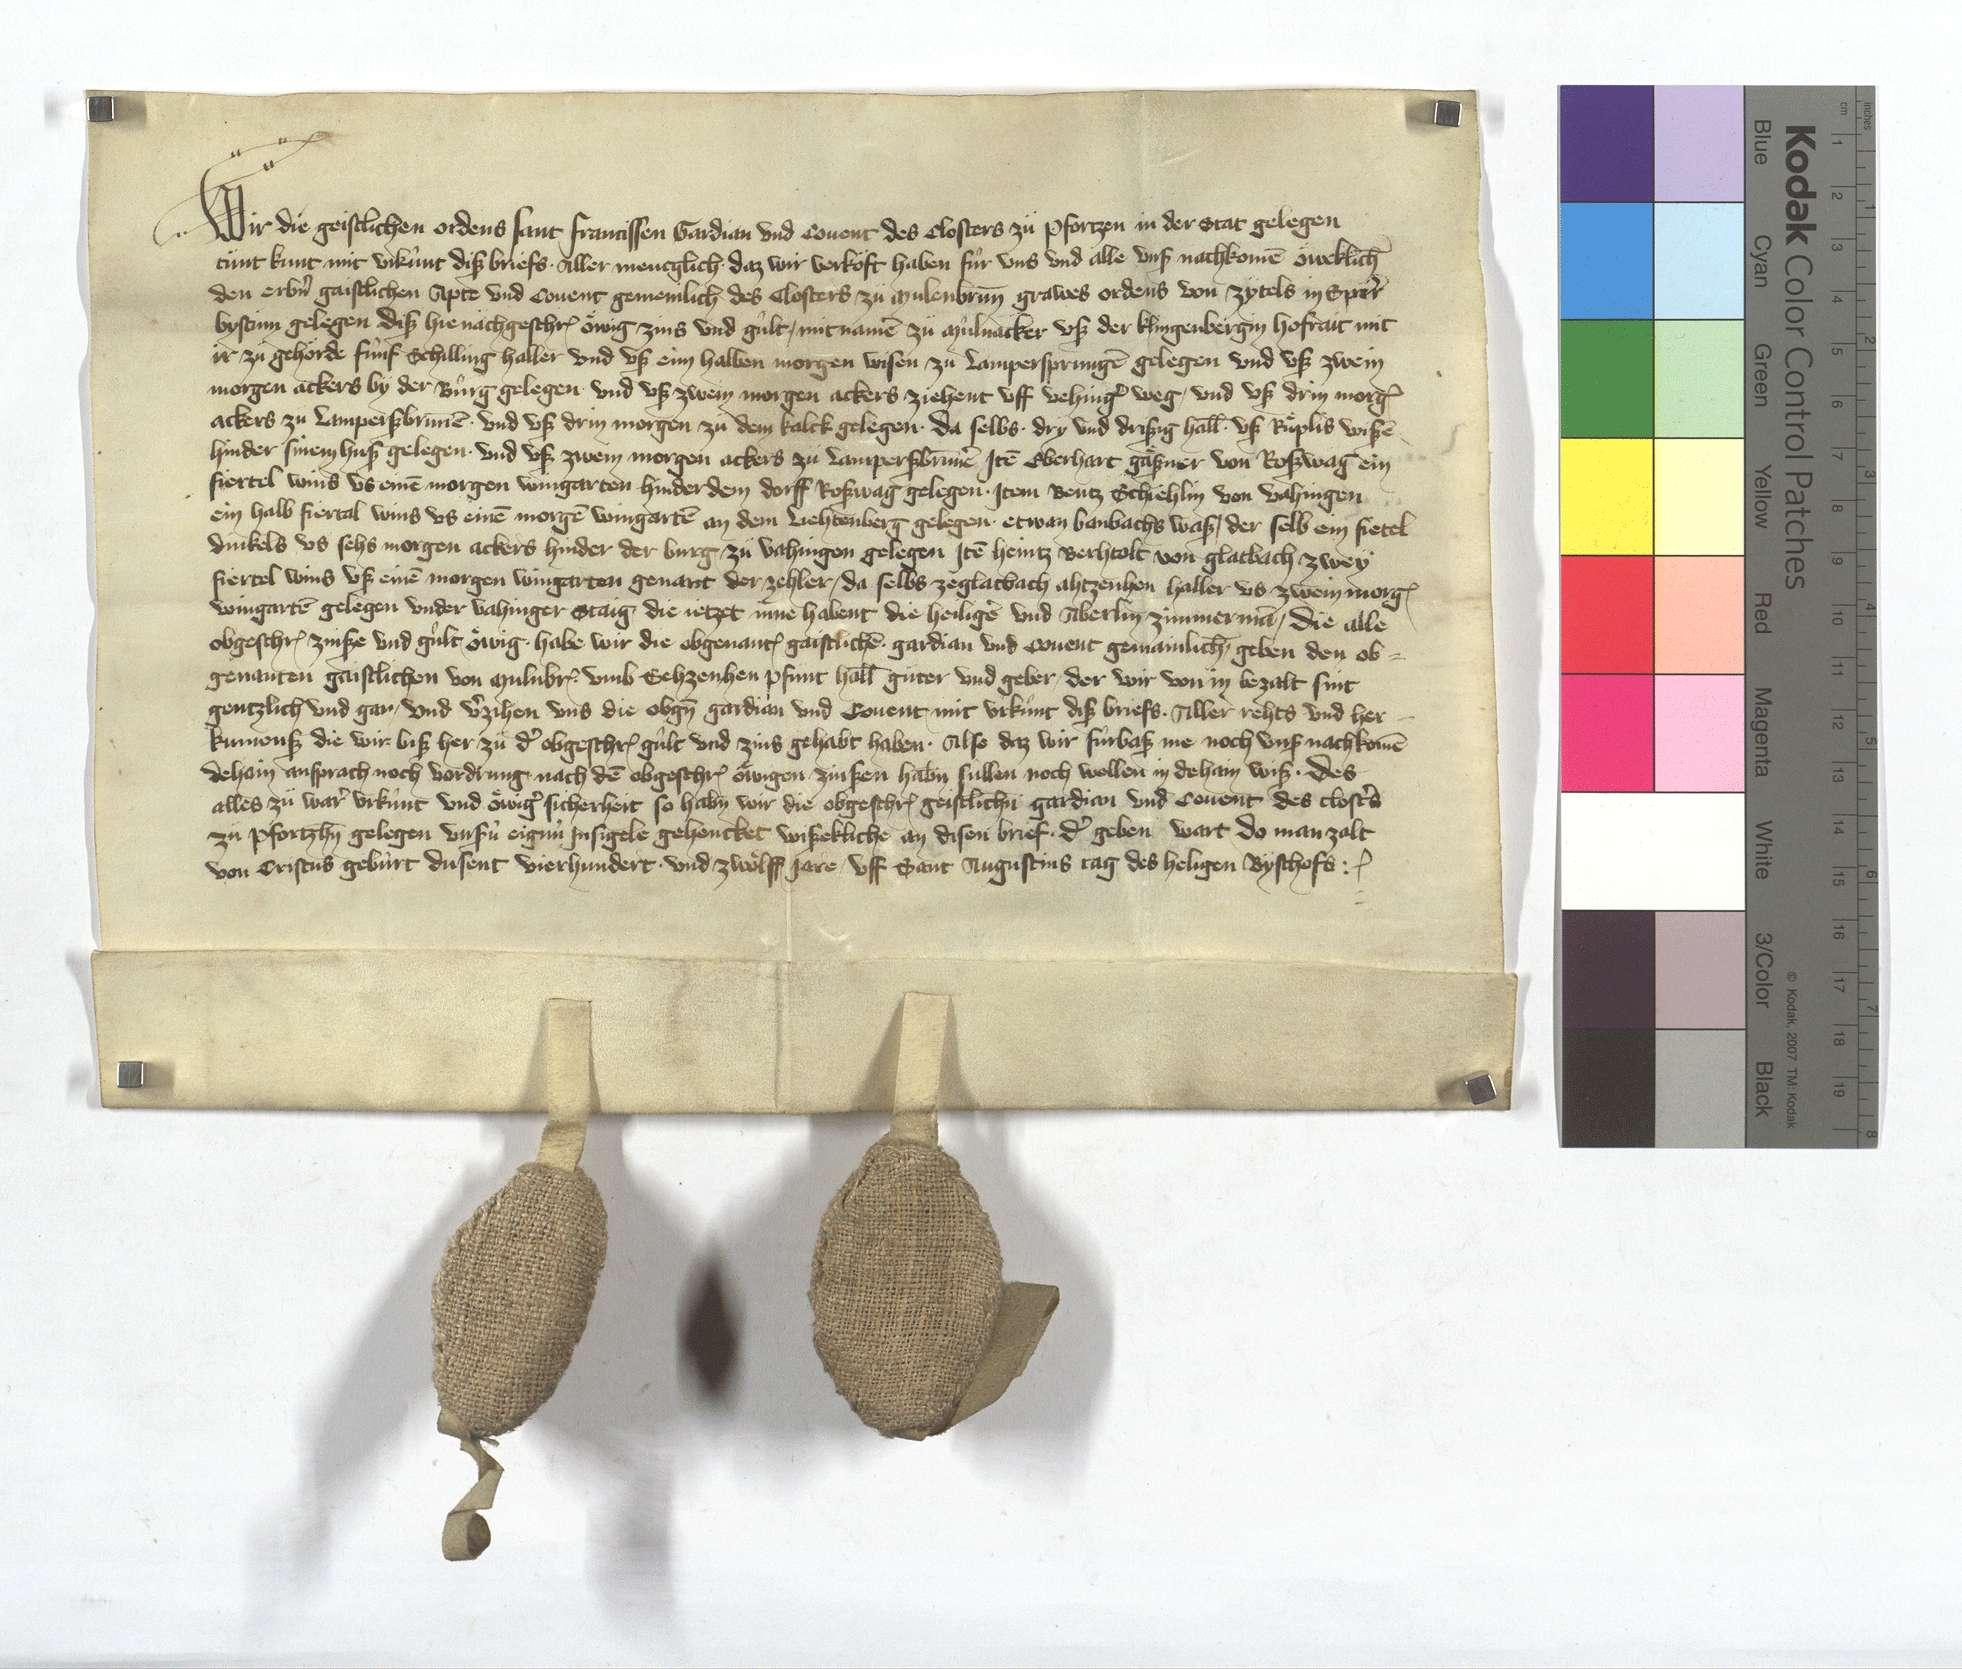 Die Franziskanermönche in Pforzheim verkaufen dem Kloster Maulbronn etliche Zinsen und Gülten in Dürrmenz, Roßwag und Glattbach (Glatbach)., Text